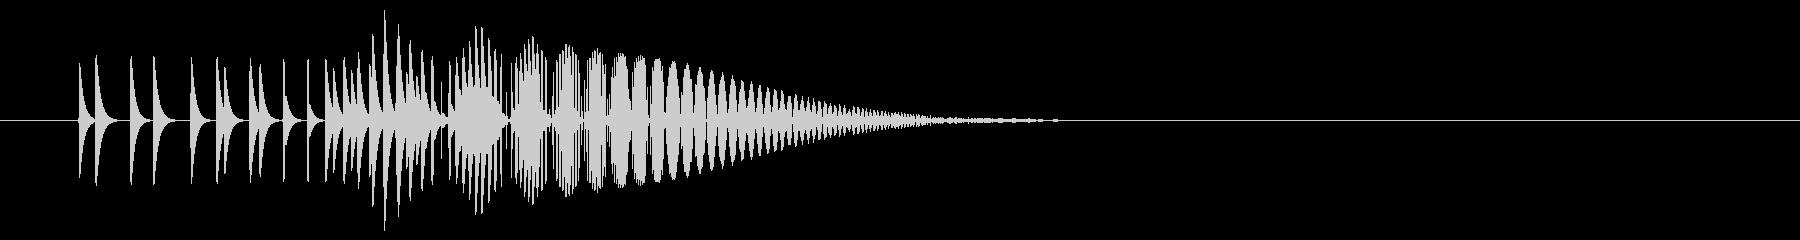 ポンッ(決定キャンセルピコピコファミコンの未再生の波形